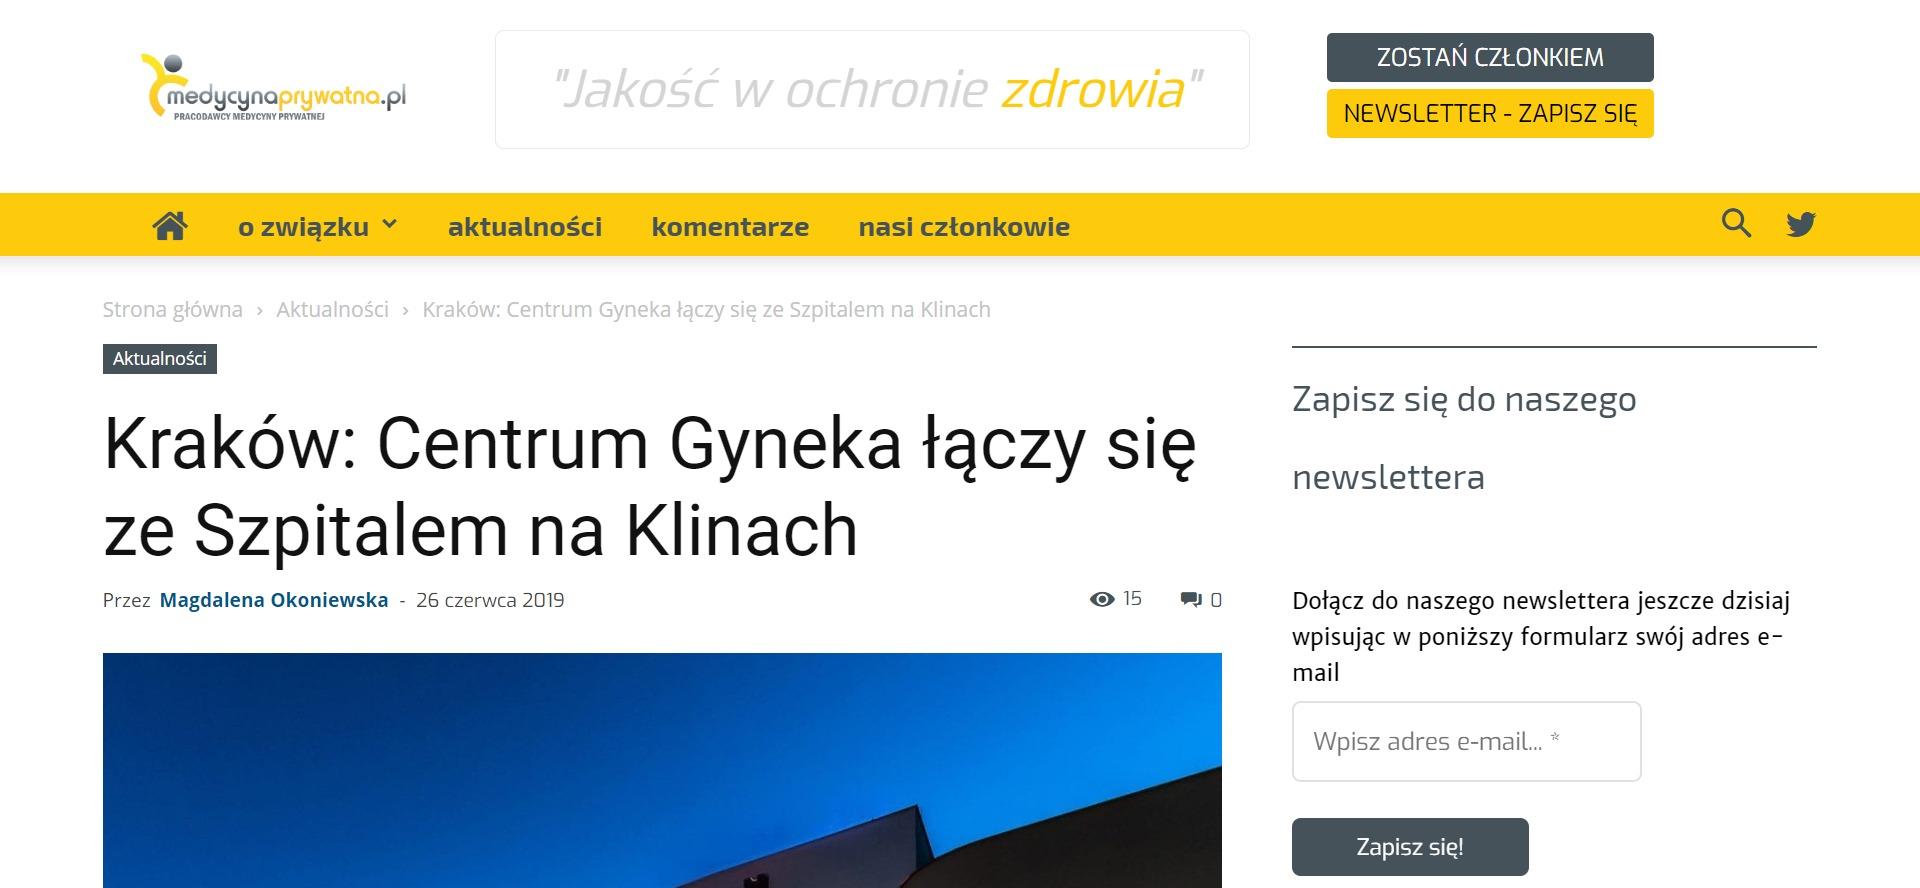 Centrum Zdrowia Kobiety Gyneka z Krakowa od maja 2019 funkcjonuje w krakowskim Szpitalu na Klinach, działającym od listopada 2018 roku przy ulicy Kostrzewskiego, w krakowskiej dzielnicy Kliny Zacisze.